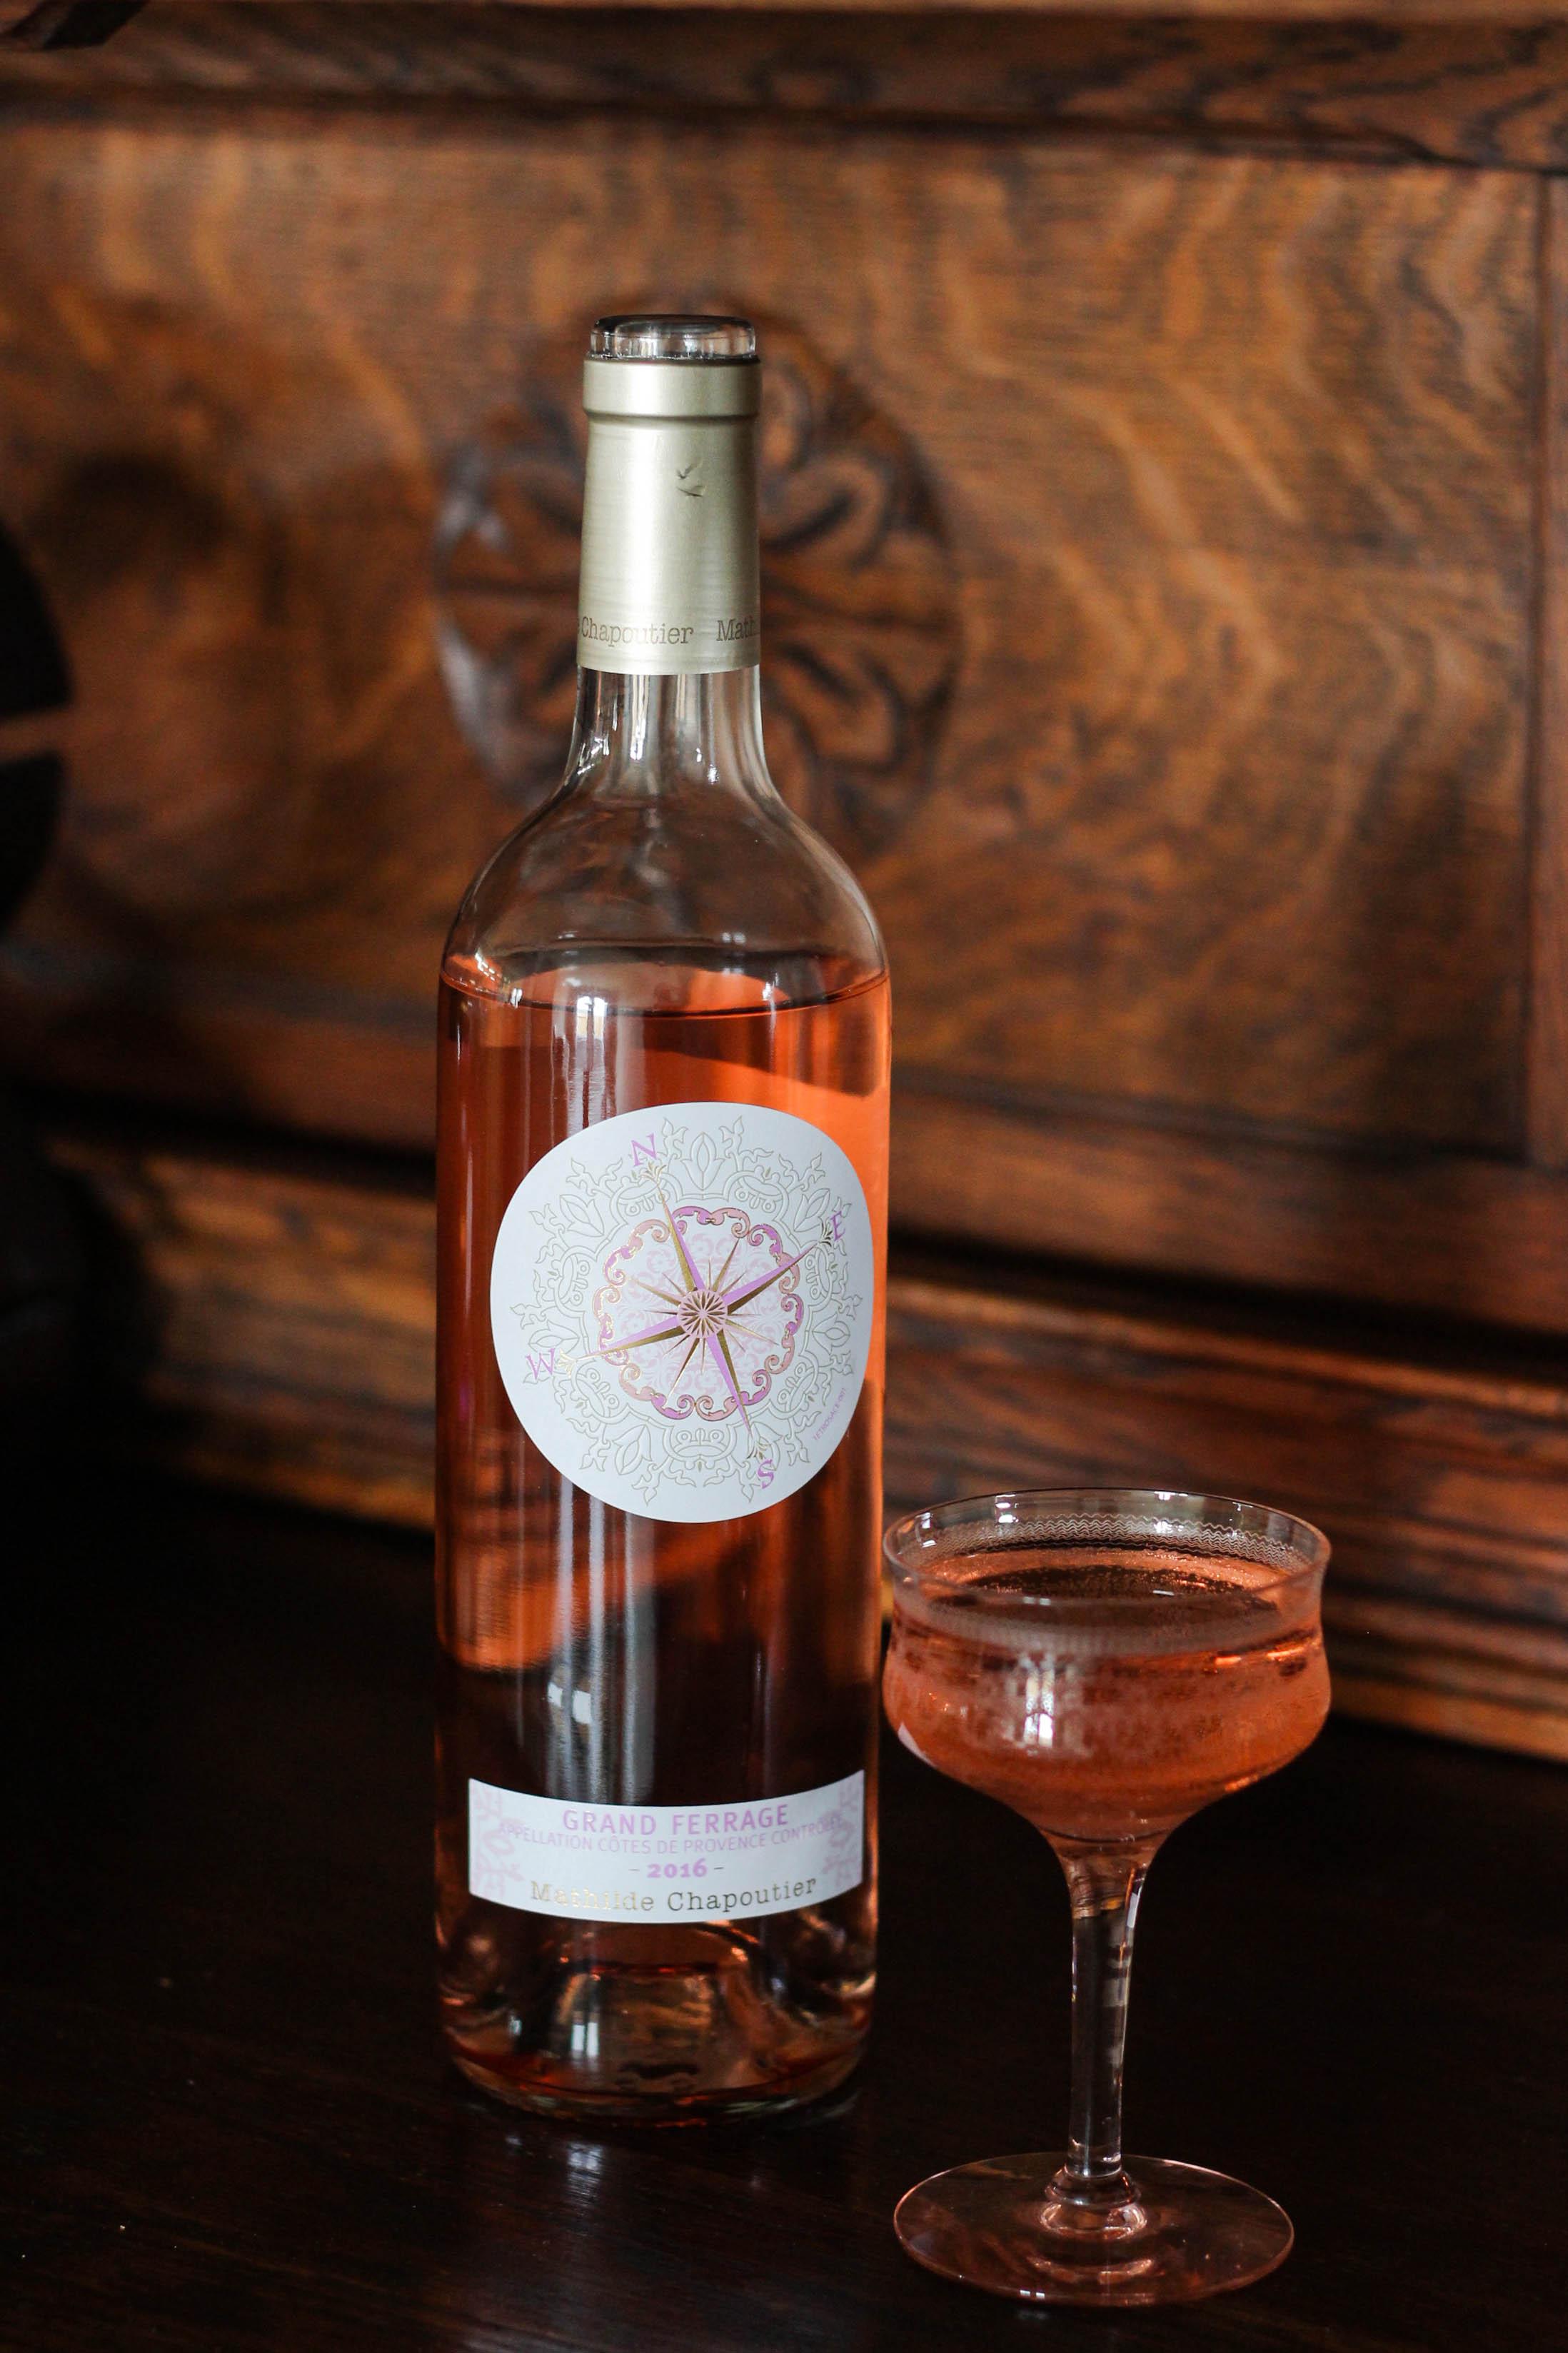 Mathilde Chapoutier Grand Ferrage, Rosé, wine